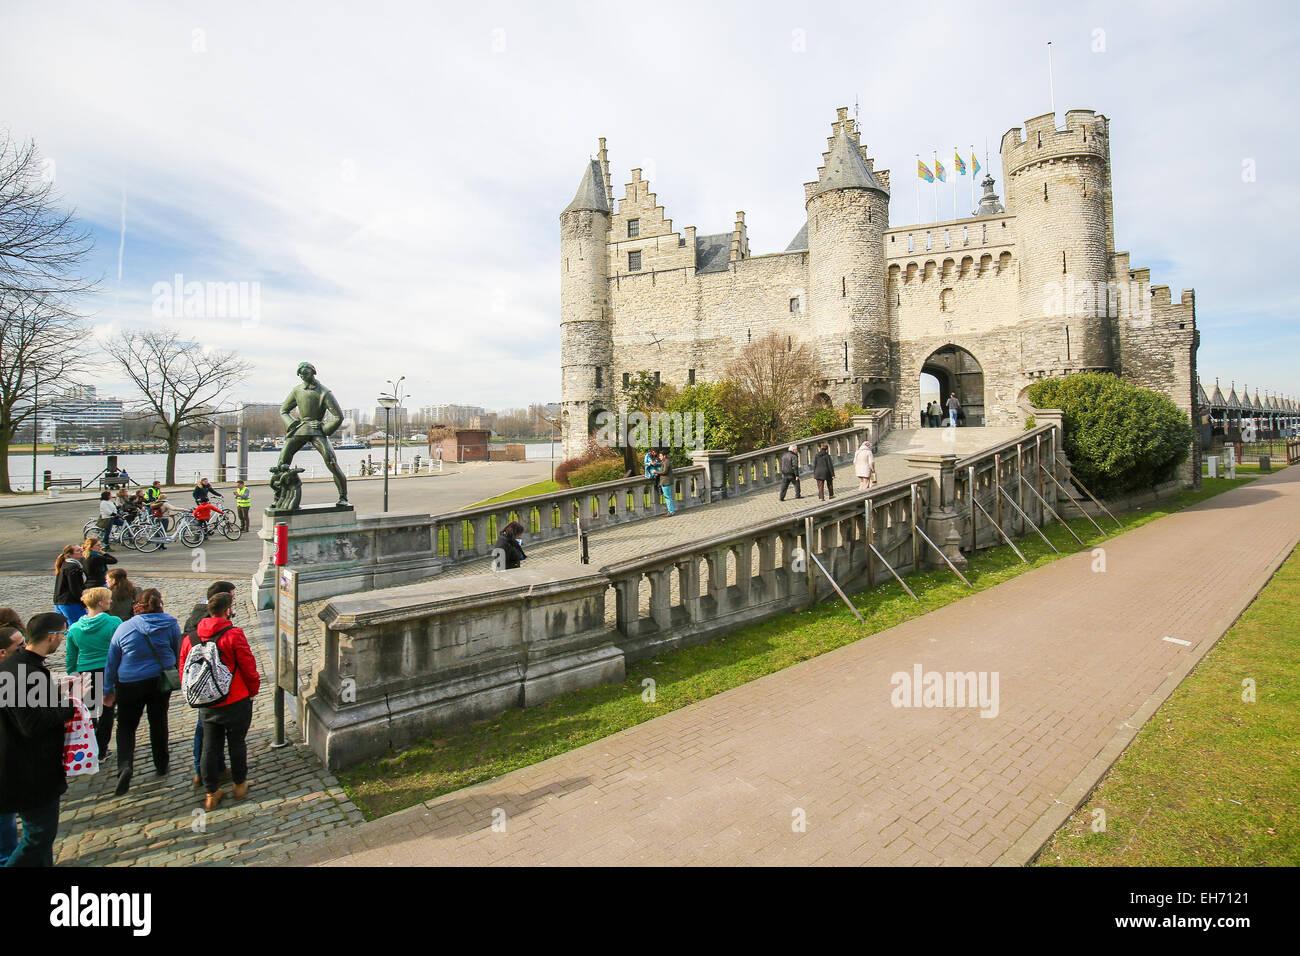 ANTWERP, BELGIUM - MARCH 7, 2015: Het Steen is a medieval fortress in the old city of Antwerp. It is Antwerp's - Stock Image